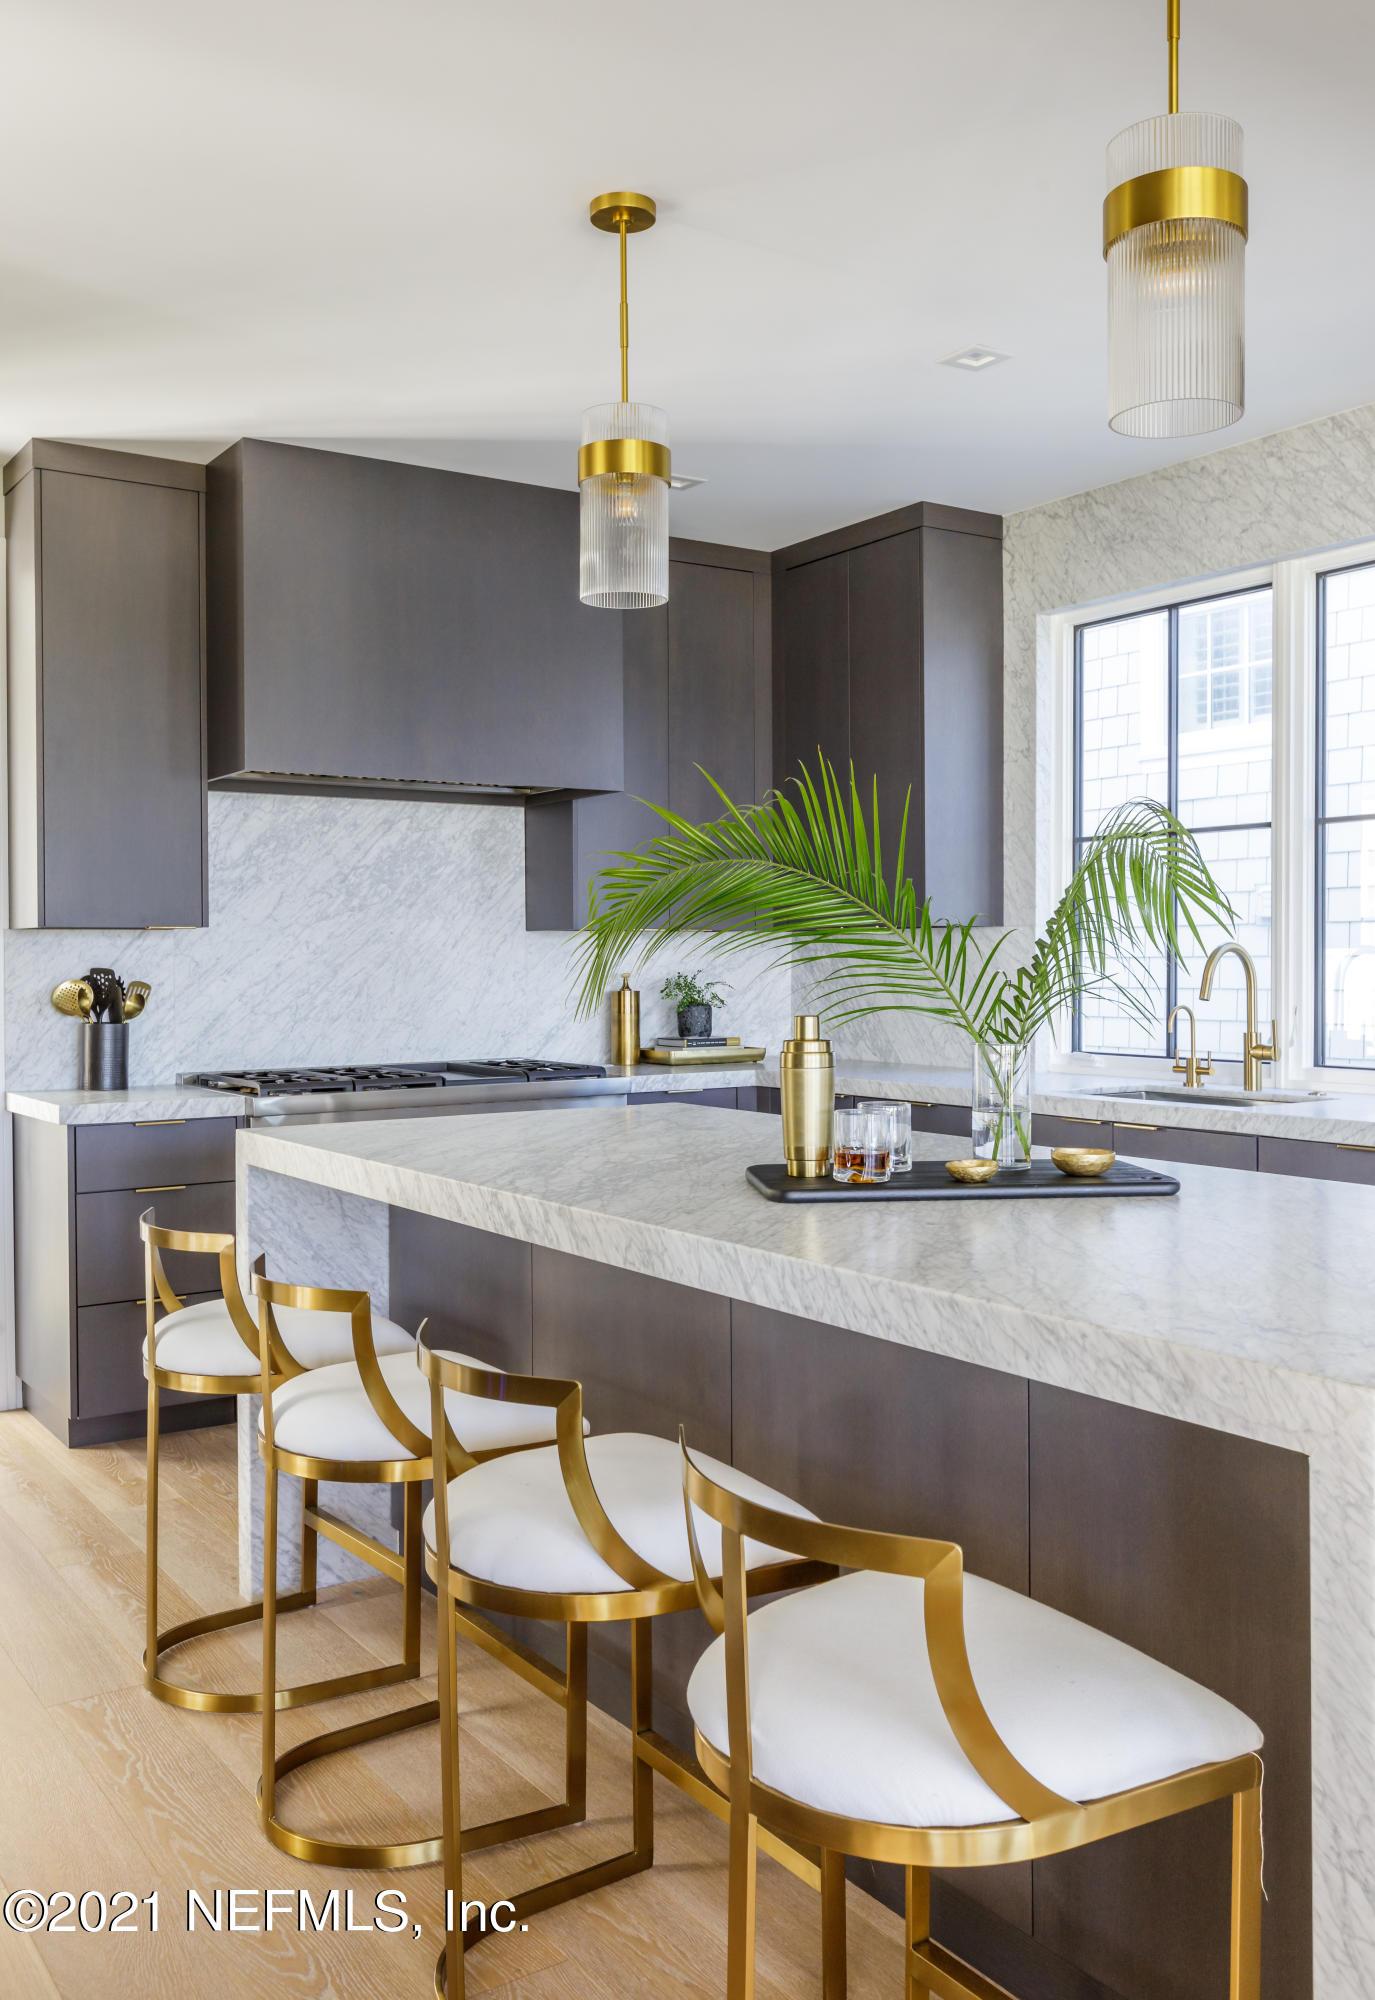 3108 OCEAN, JACKSONVILLE BEACH, FLORIDA 32250, 4 Bedrooms Bedrooms, ,6 BathroomsBathrooms,Residential,For sale,OCEAN,1098889